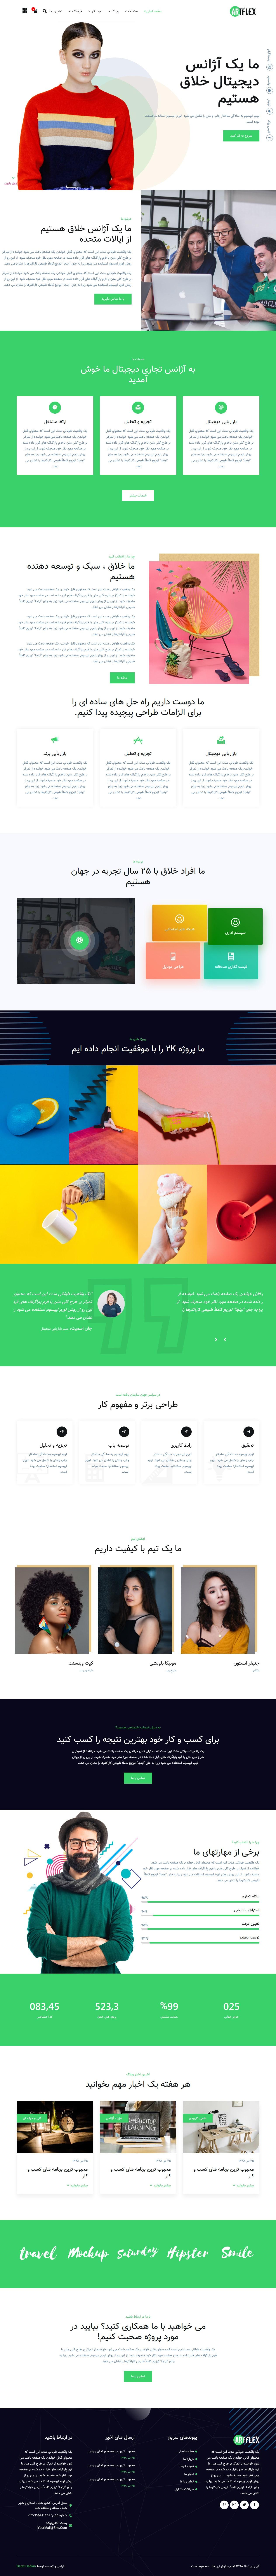 قالب Artflex پوسته HTML خلاقانه گالری و نمونه کار